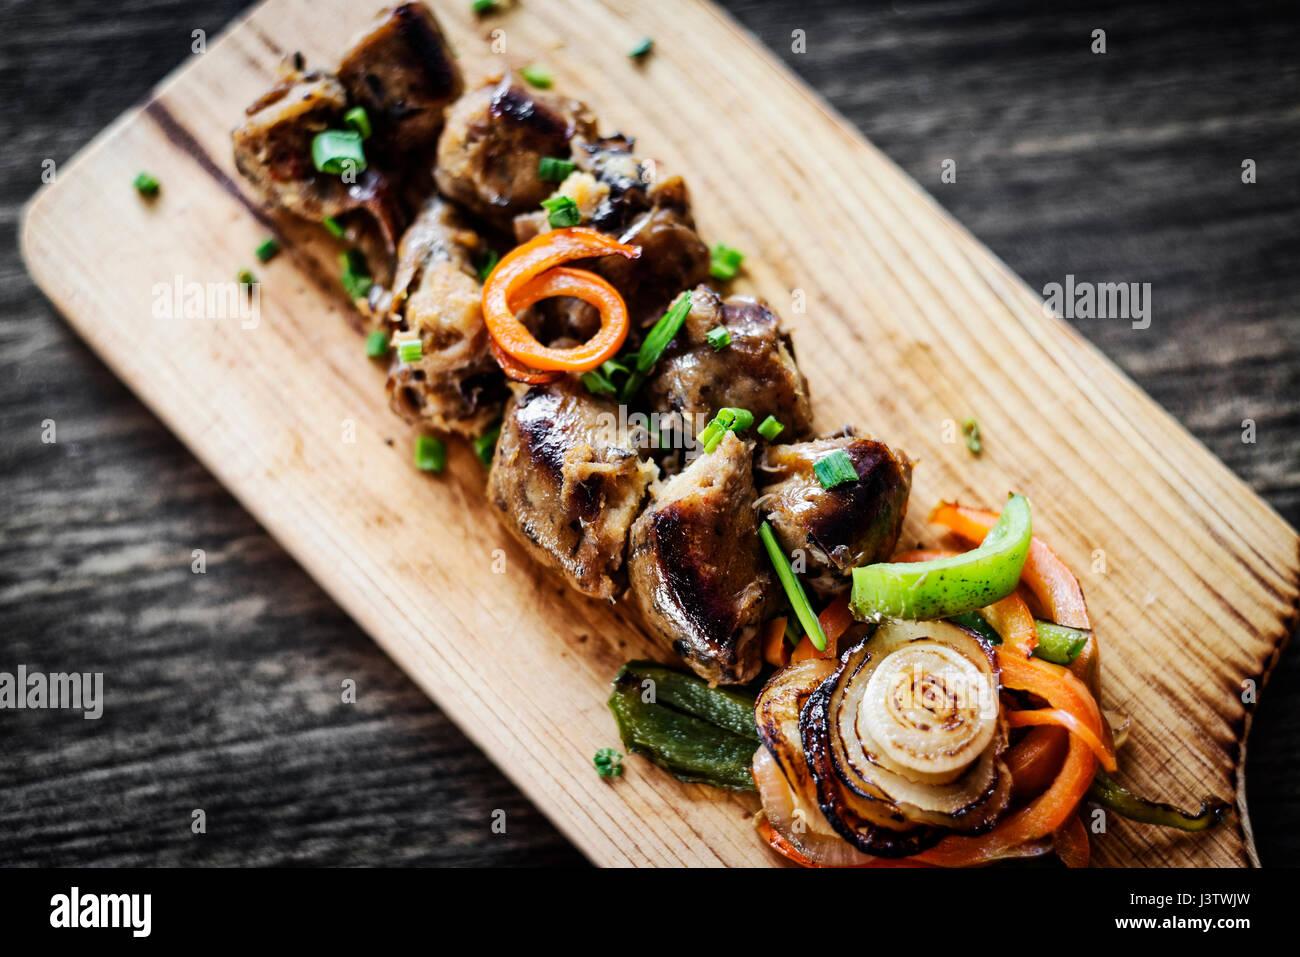 Gegrillte frische portugiesische Chourico Chorizo Wurst Starter Tapas Snack am Holzbrett Stockbild